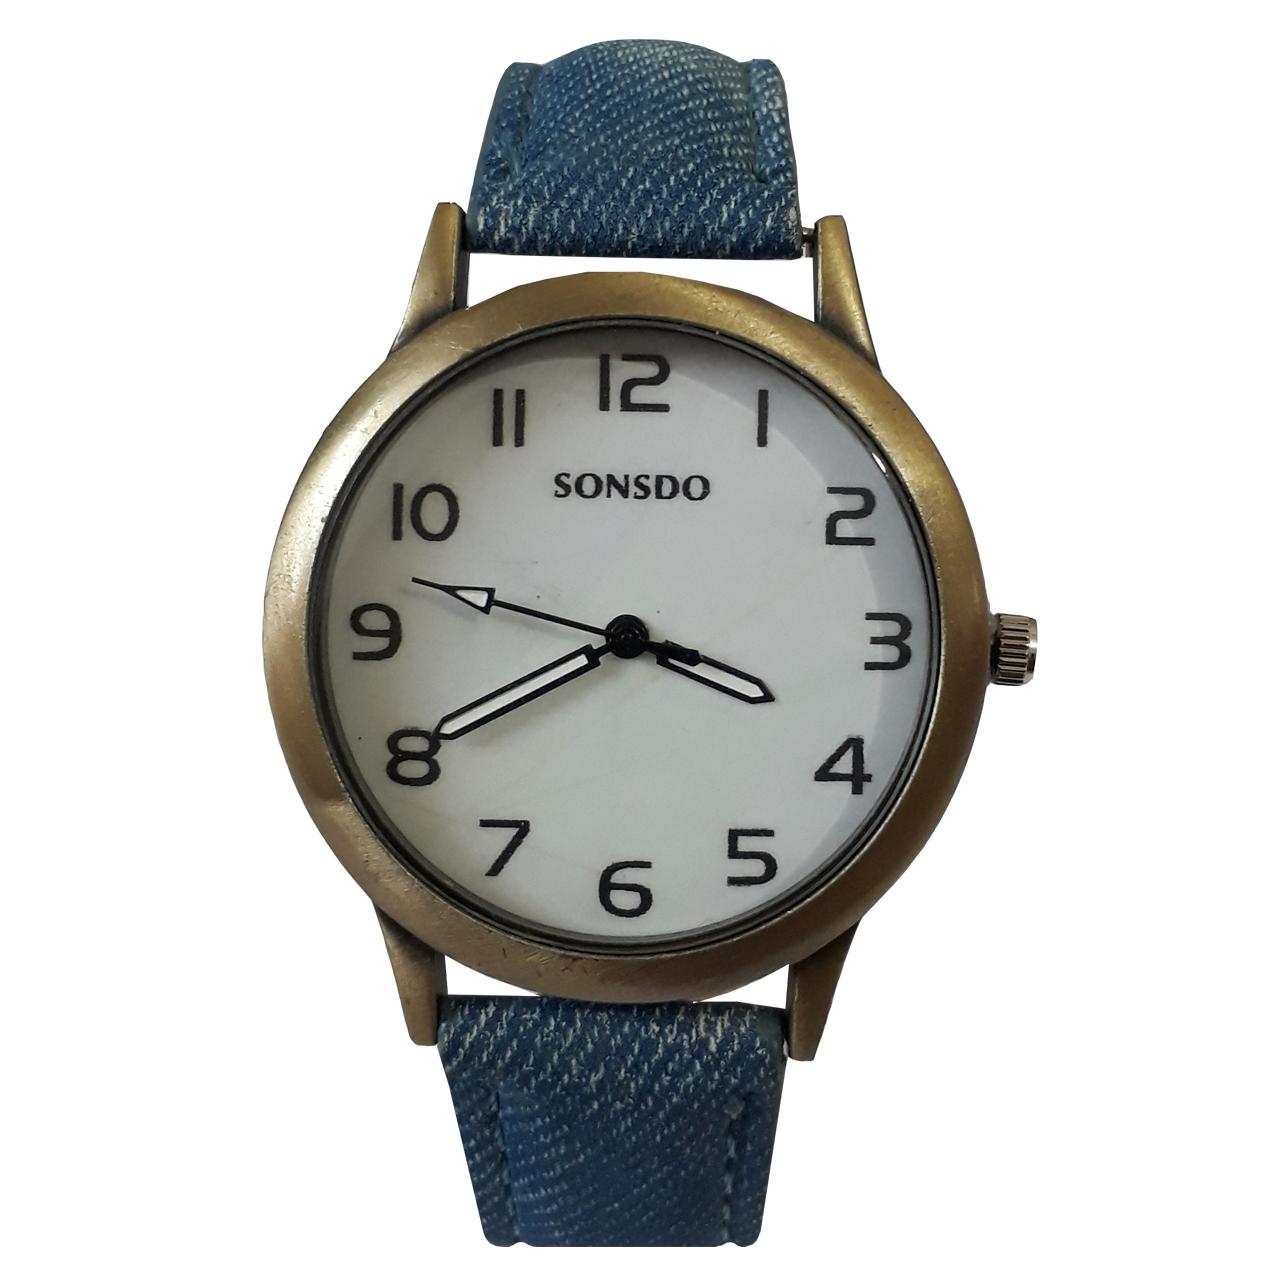 خرید ساعت مچی عقربه ای زنانه سانسدو کد 403